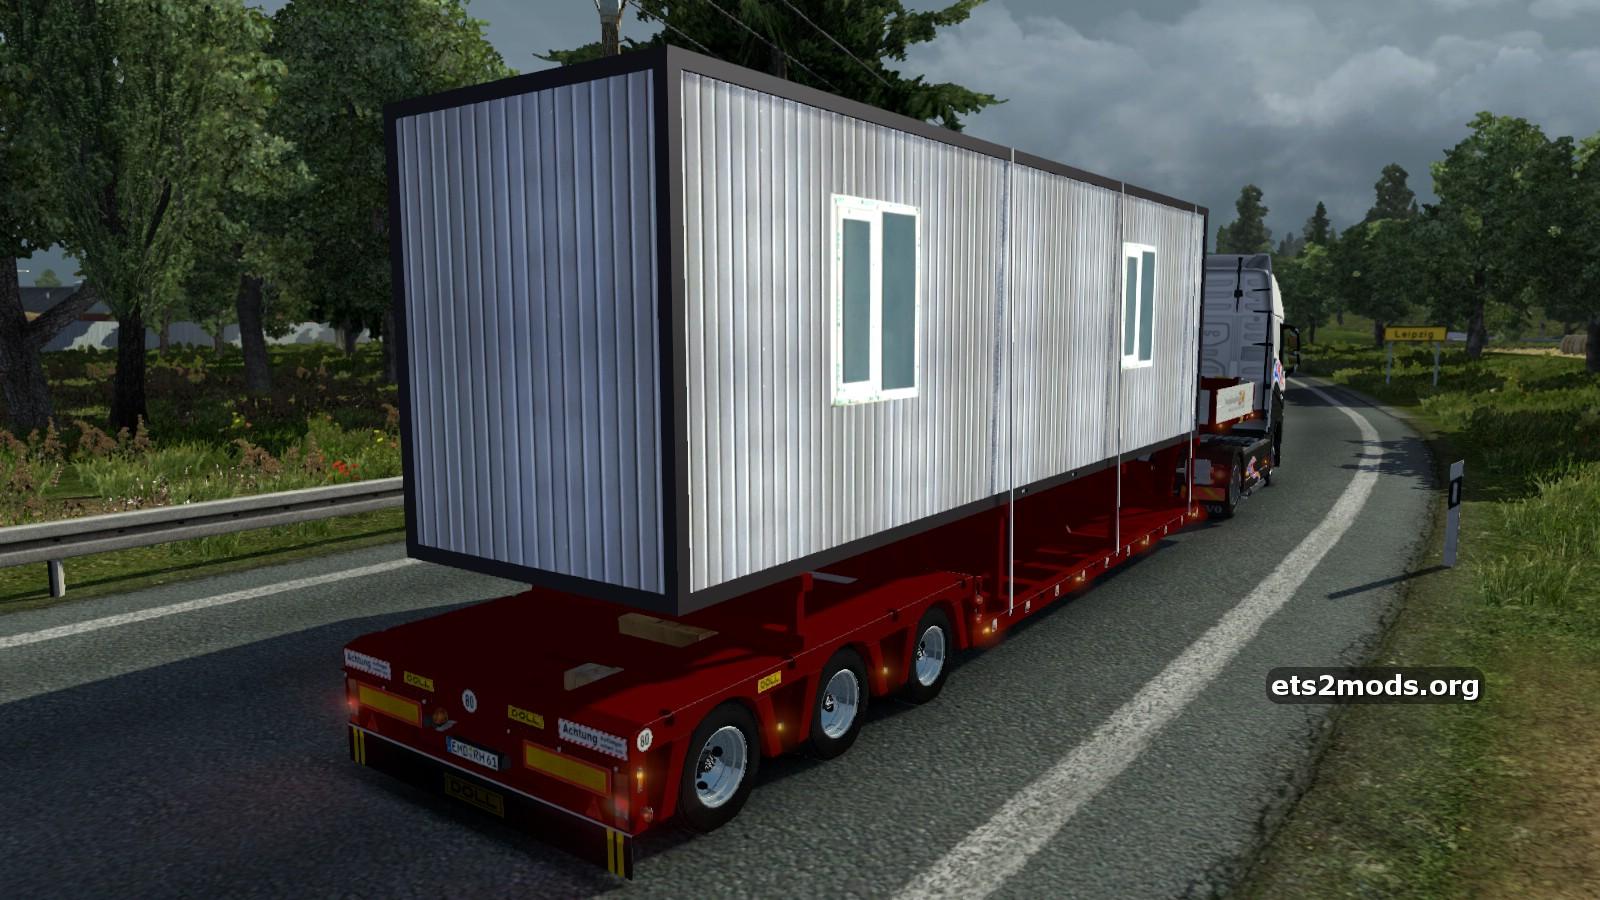 Cabane de chantier construction container site hut for Construction container